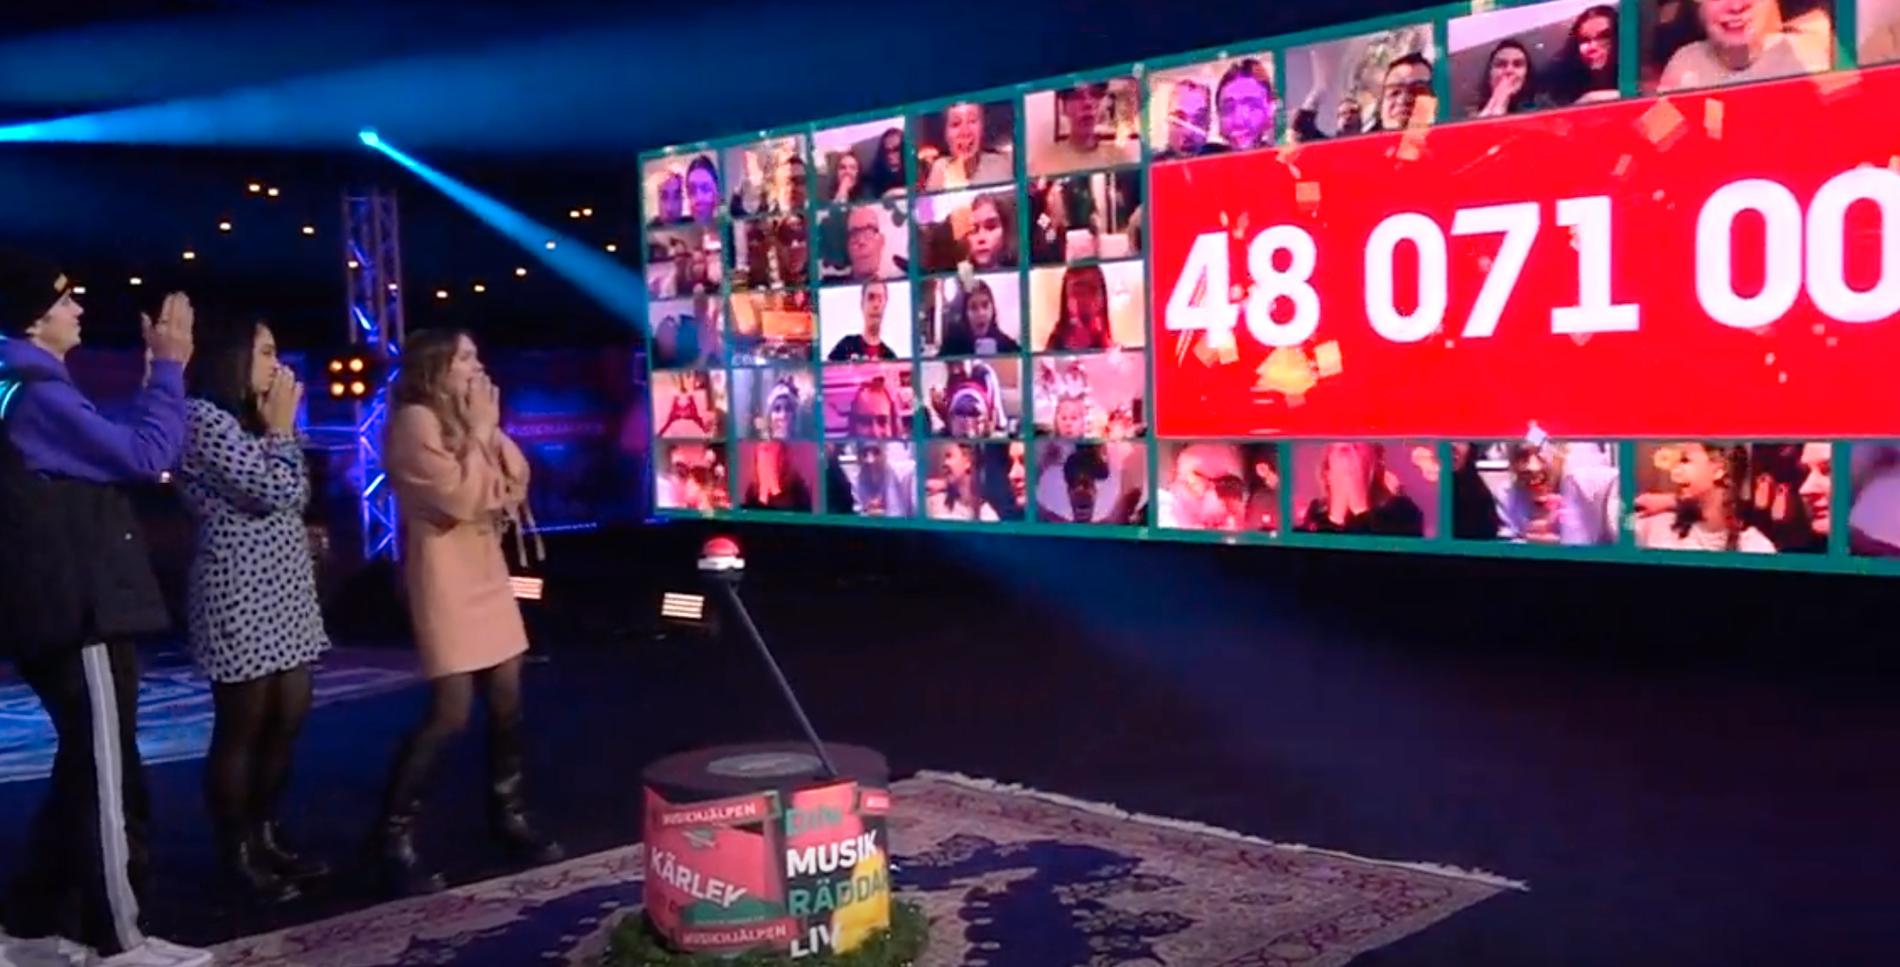 """48 071 000 kronor samlades in i """"Musikhjälpen"""" 2020."""